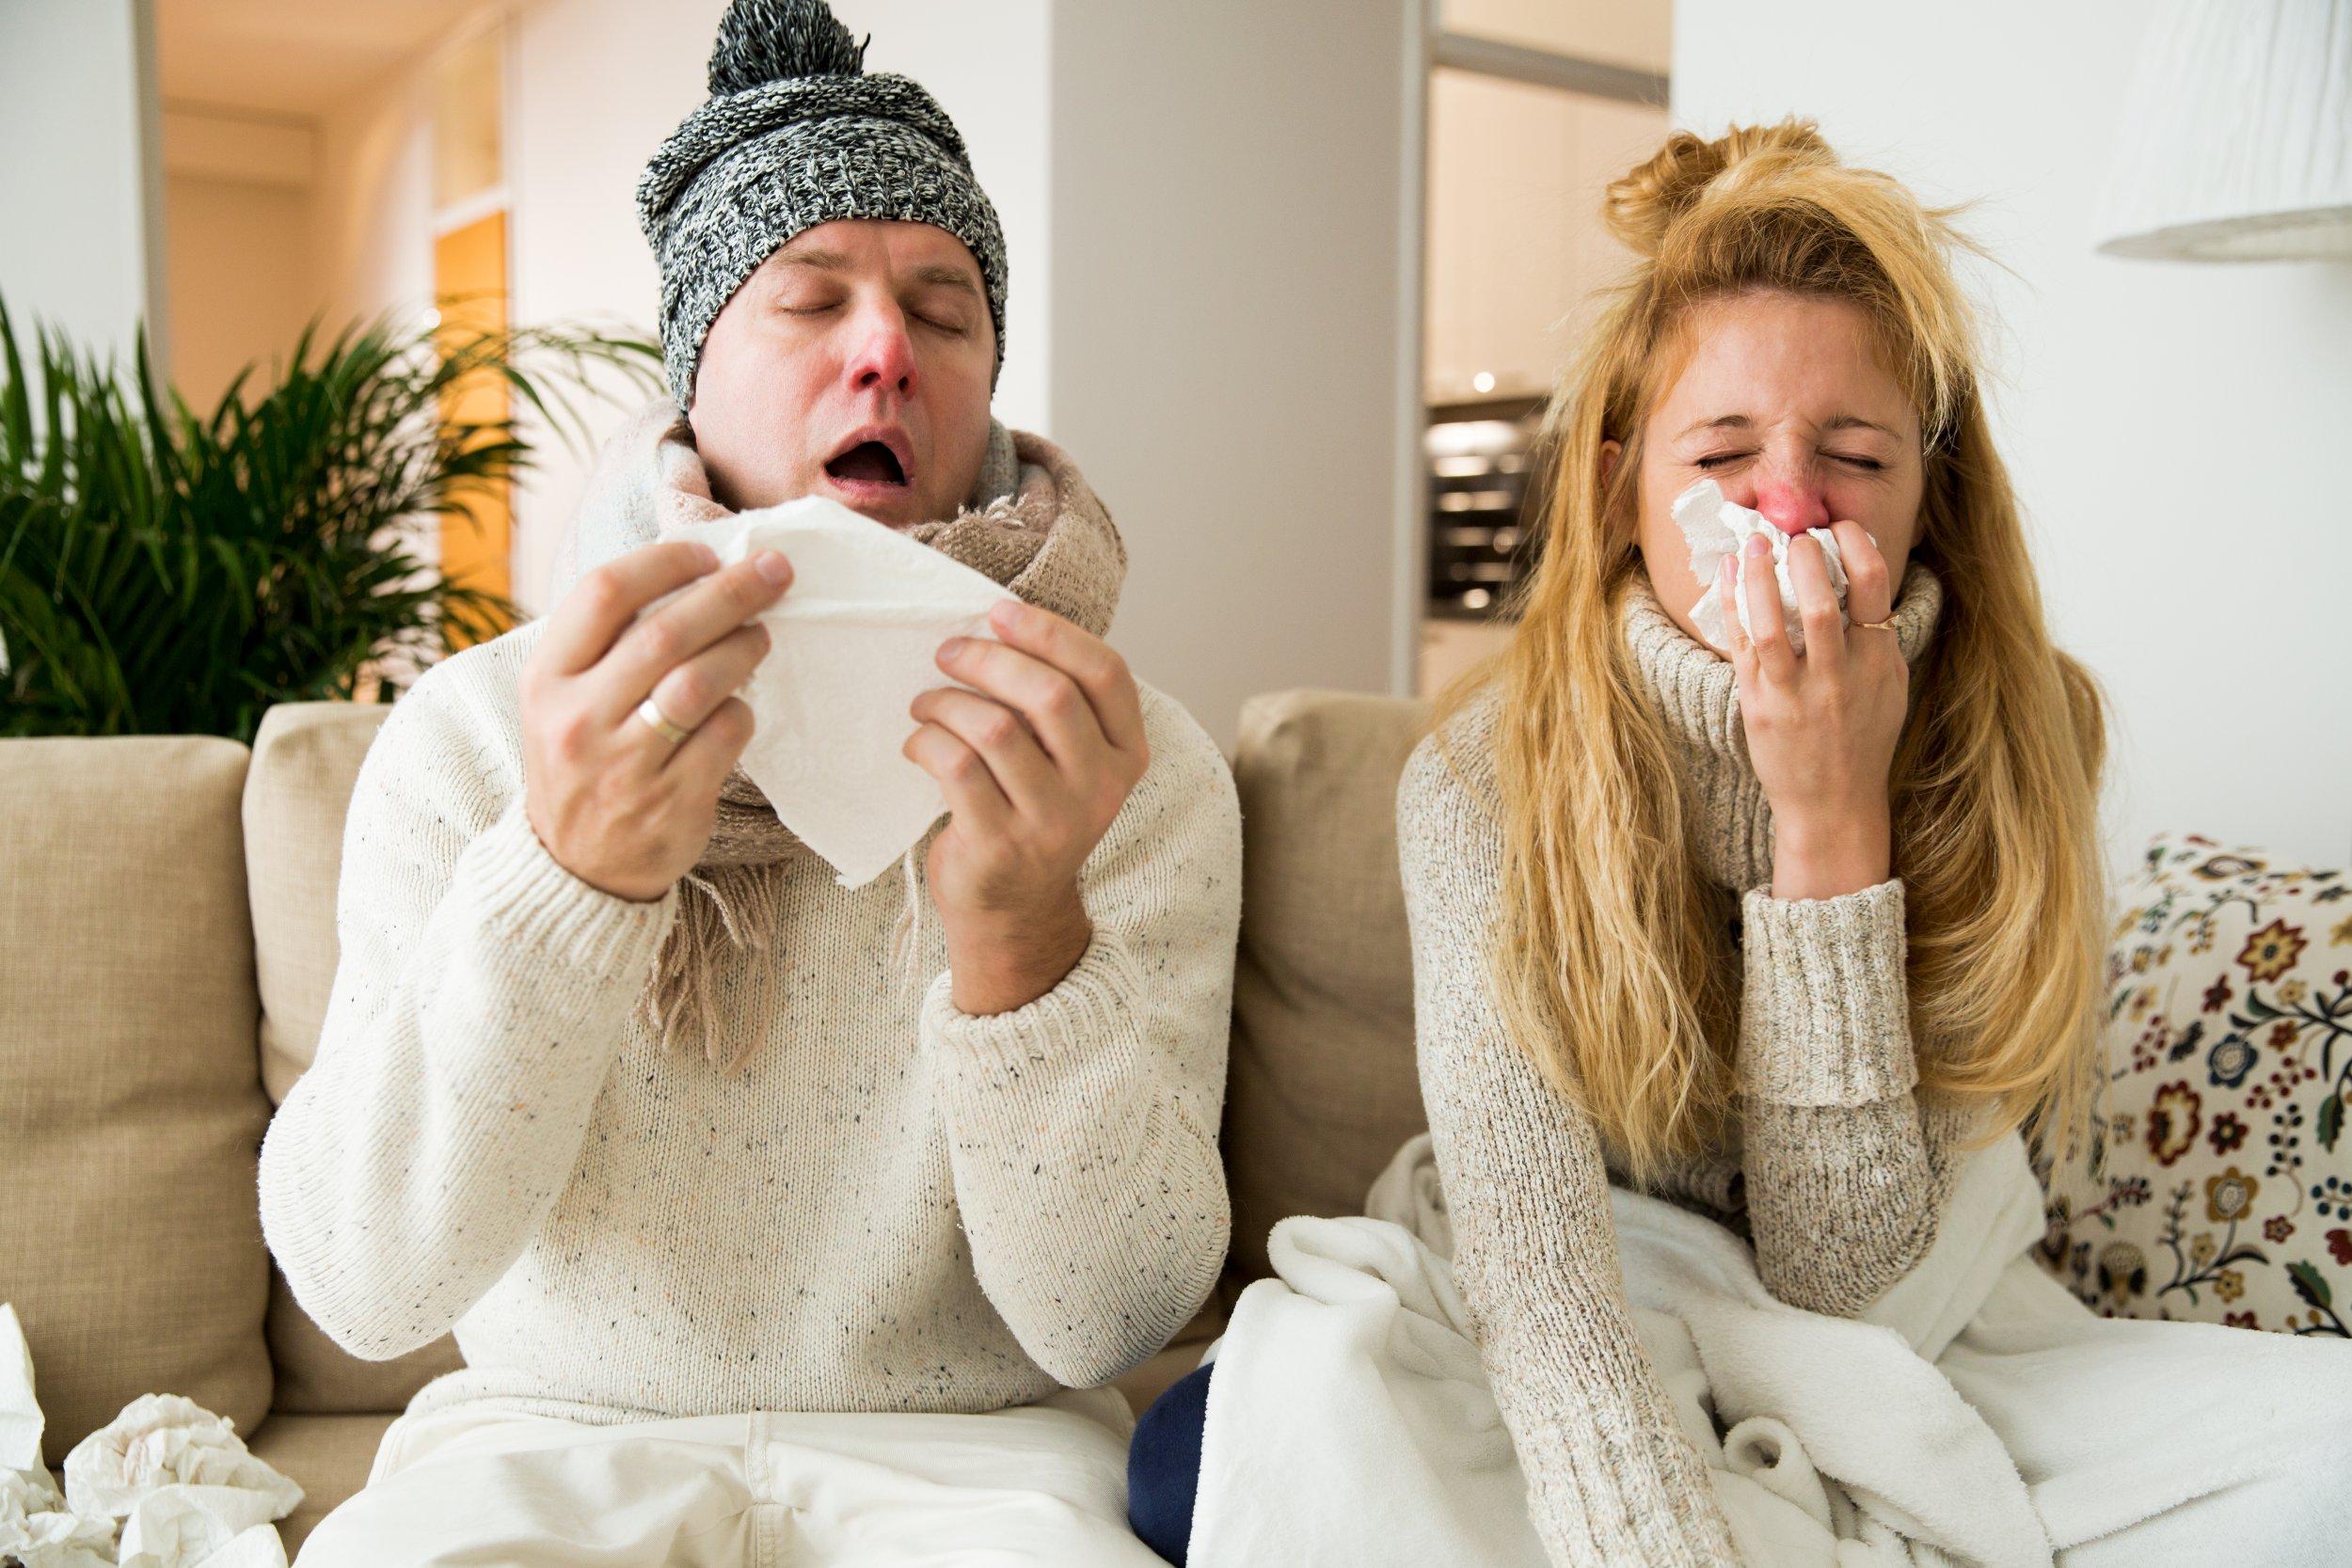 sneeze sick ill flu getty stock